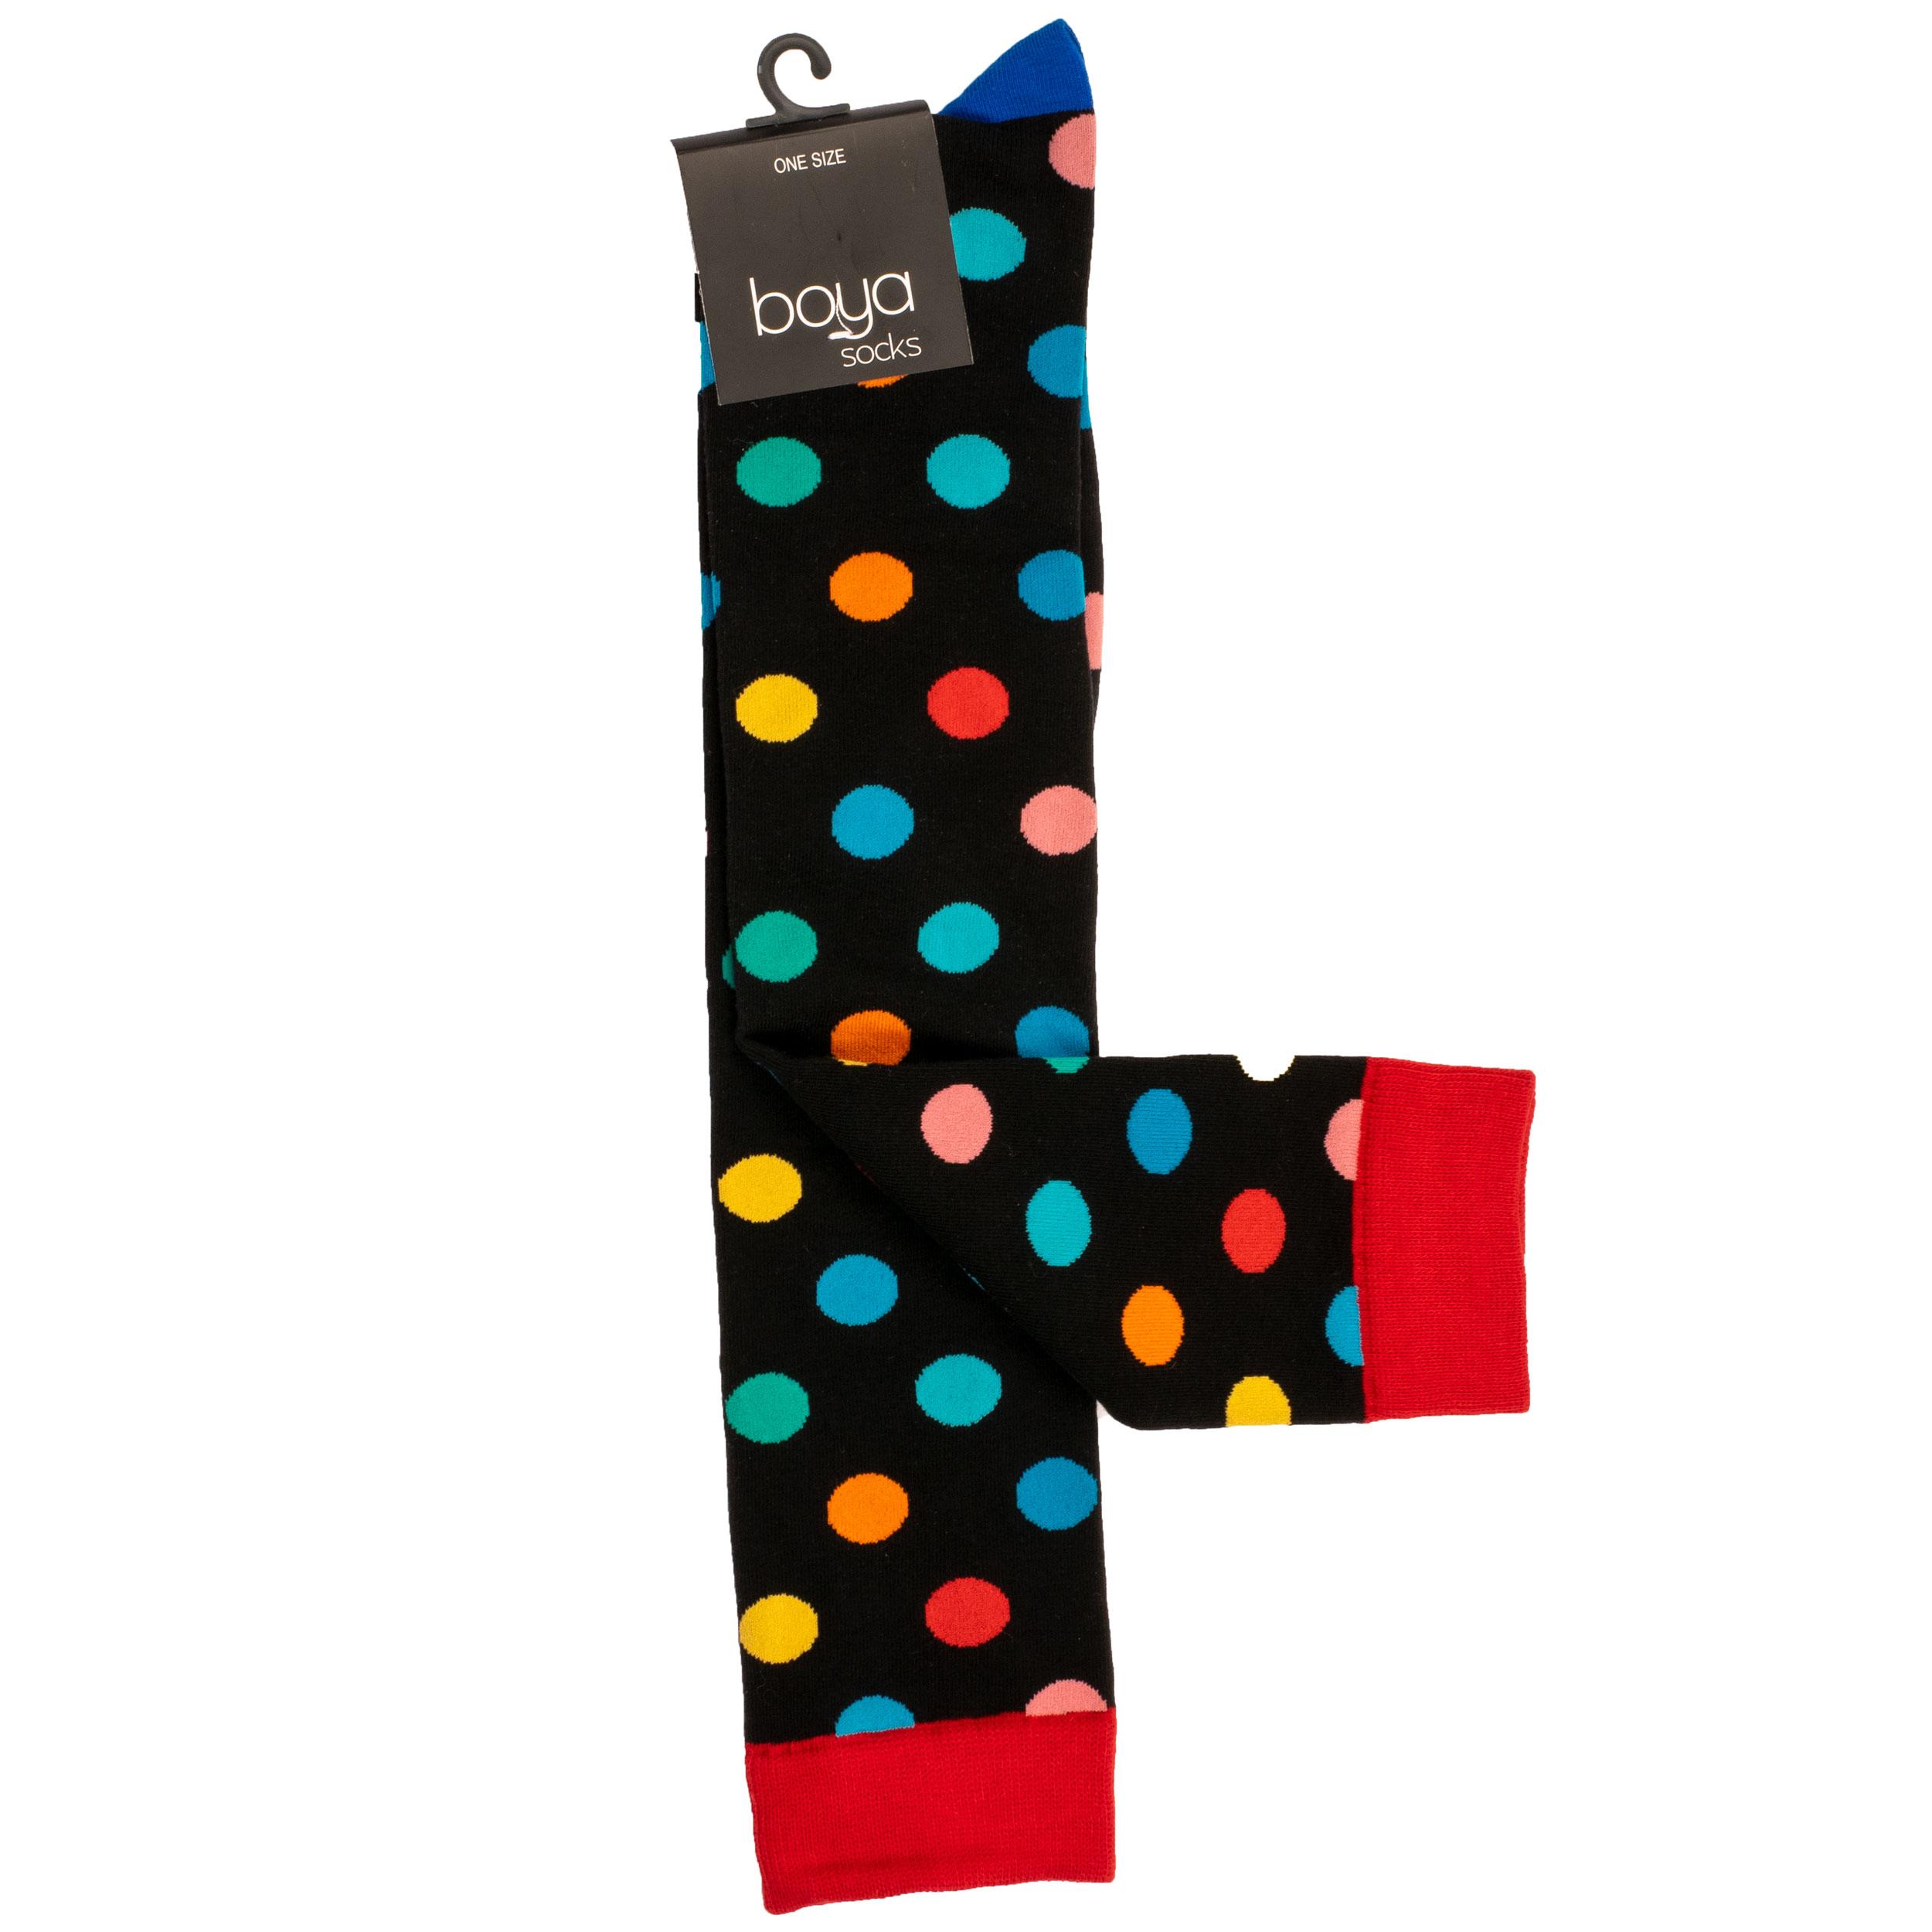 جوراب زنانه بویا کد SKBO-4001 -  - 3